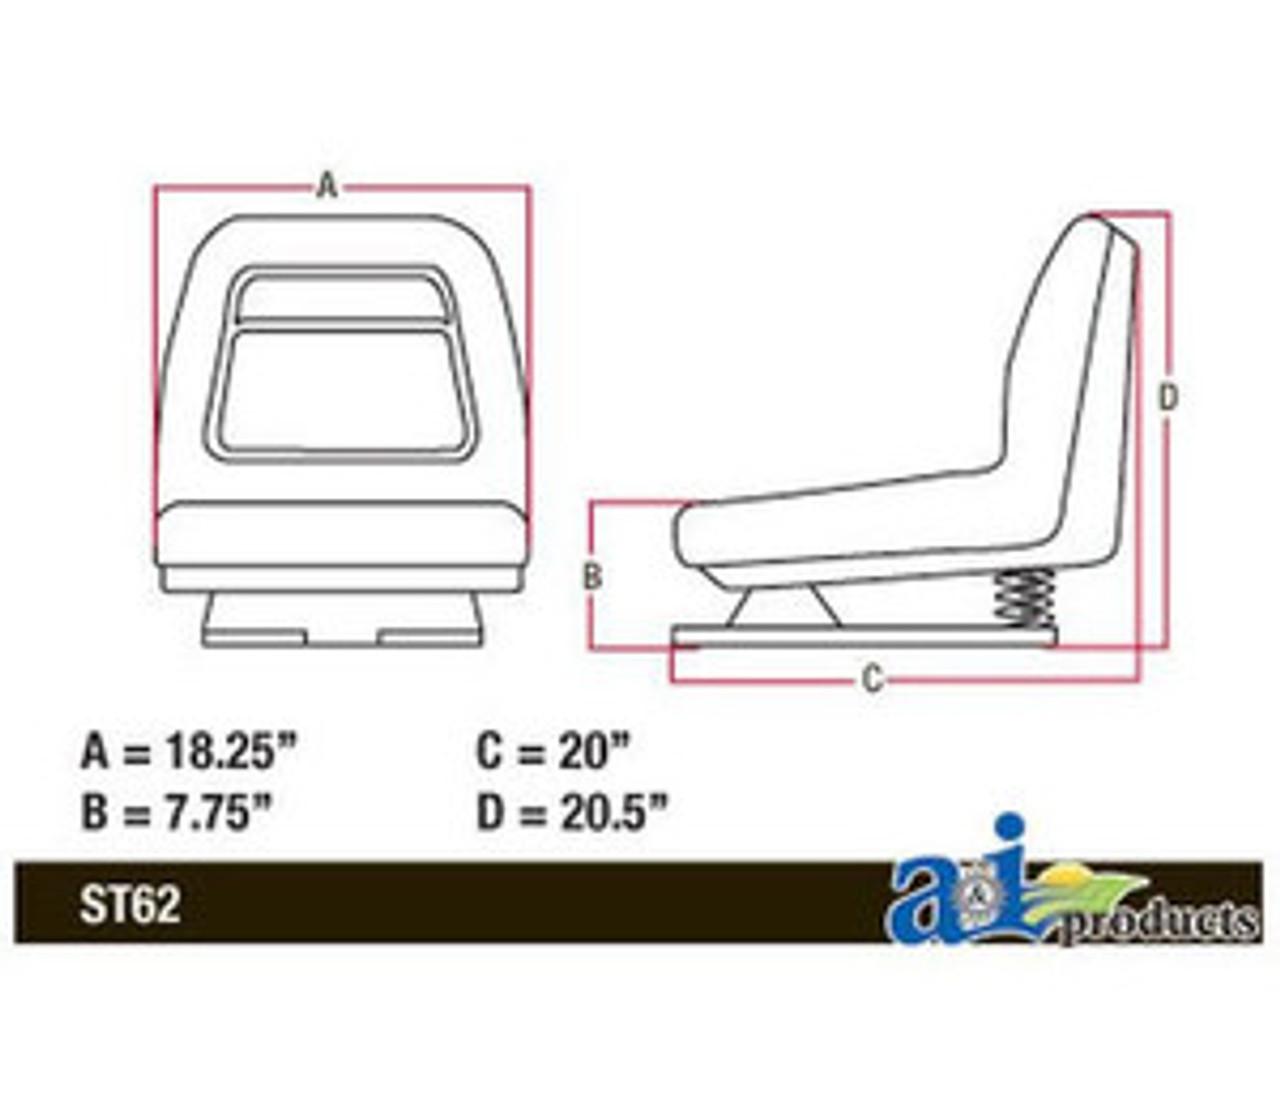 JD Lawn Mower Flip Style Seat AM131801 LX255, LX26, LX277, LX279, LX280, John Deere Lx Mower Wiring Diagram on john deere lx279 wiring diagram, john deere z225 wiring-diagram, john deere mower wiring diagram, john deere 455 wiring-diagram, john deere gt245 wiring diagram, john deere lx280 wiring diagram, john deere gx335 wiring diagram, john deere 155c wiring-diagram, john deere la115 wiring diagram, john deere ignition wiring diagram, john deere 212 wiring-diagram, john deere x720 wiring diagram, john deere lx277 wiring-diagram, john deere x360 wiring diagram, john deere z445 wiring diagram, john deere lt180 wiring diagram, john deere m wiring-diagram, john deere x324 wiring diagram, john deere 145 wiring-diagram, john deere x495 wiring diagram,